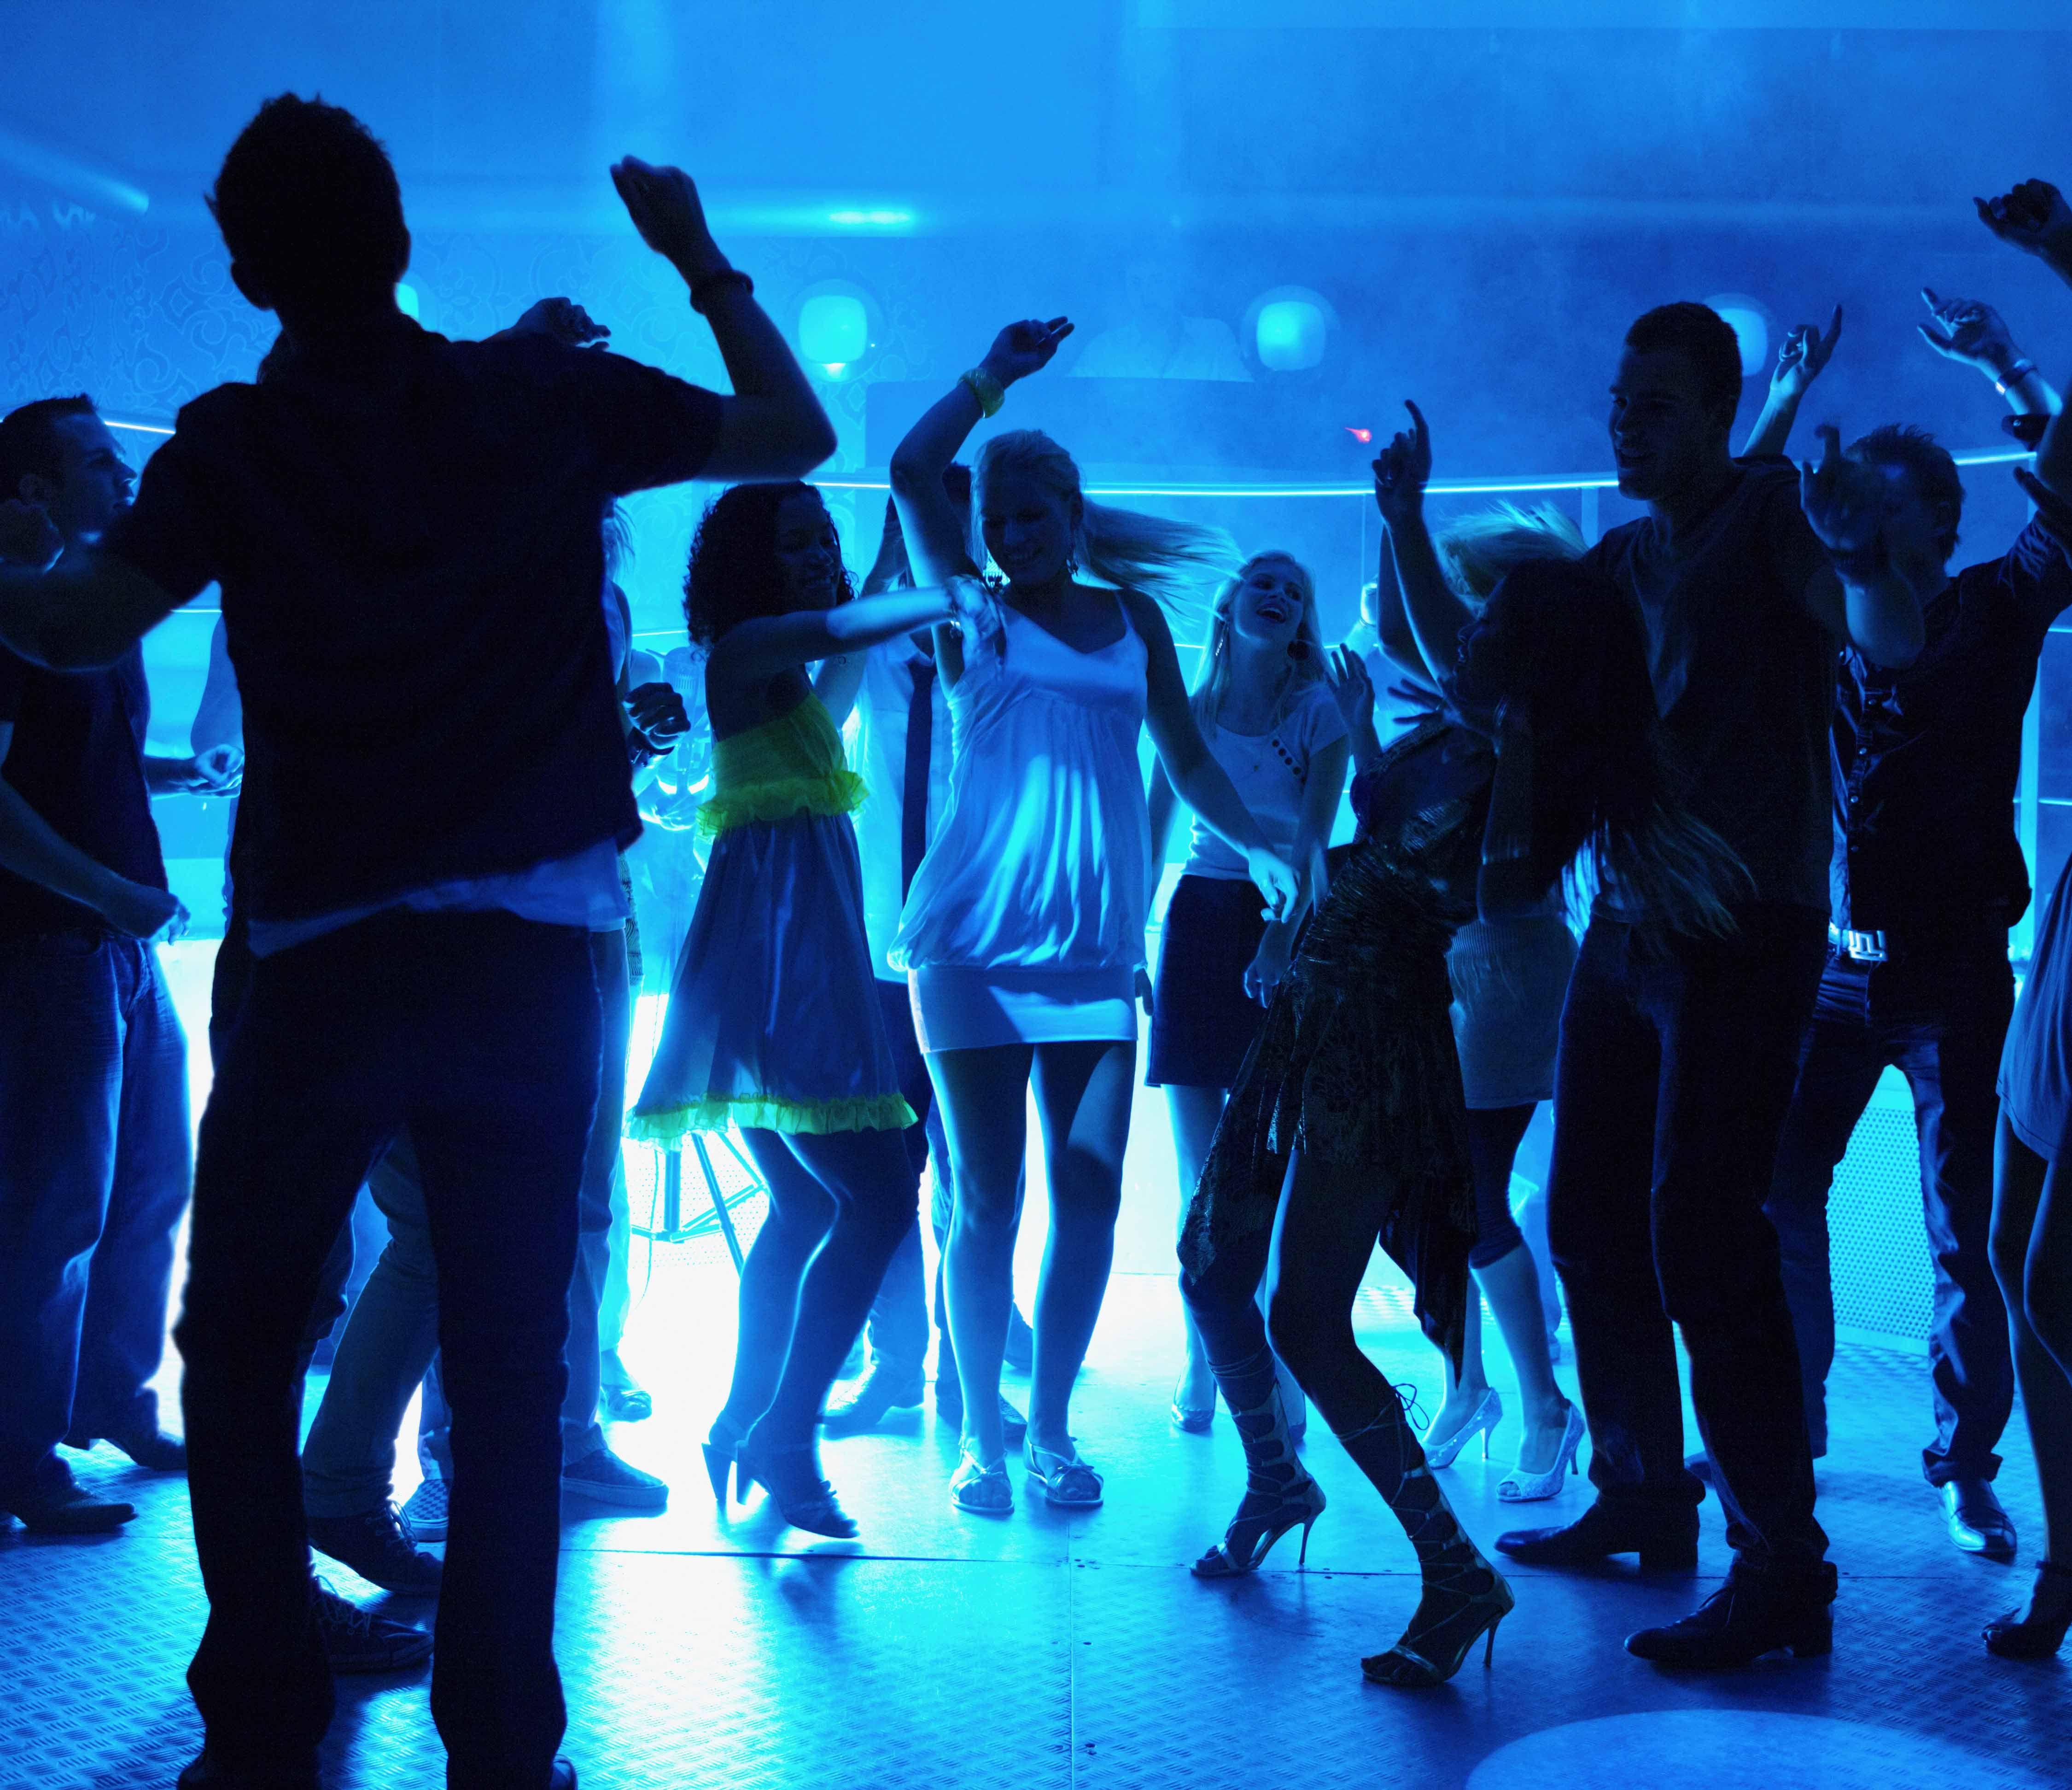 танцевальная музыка слушать подряд